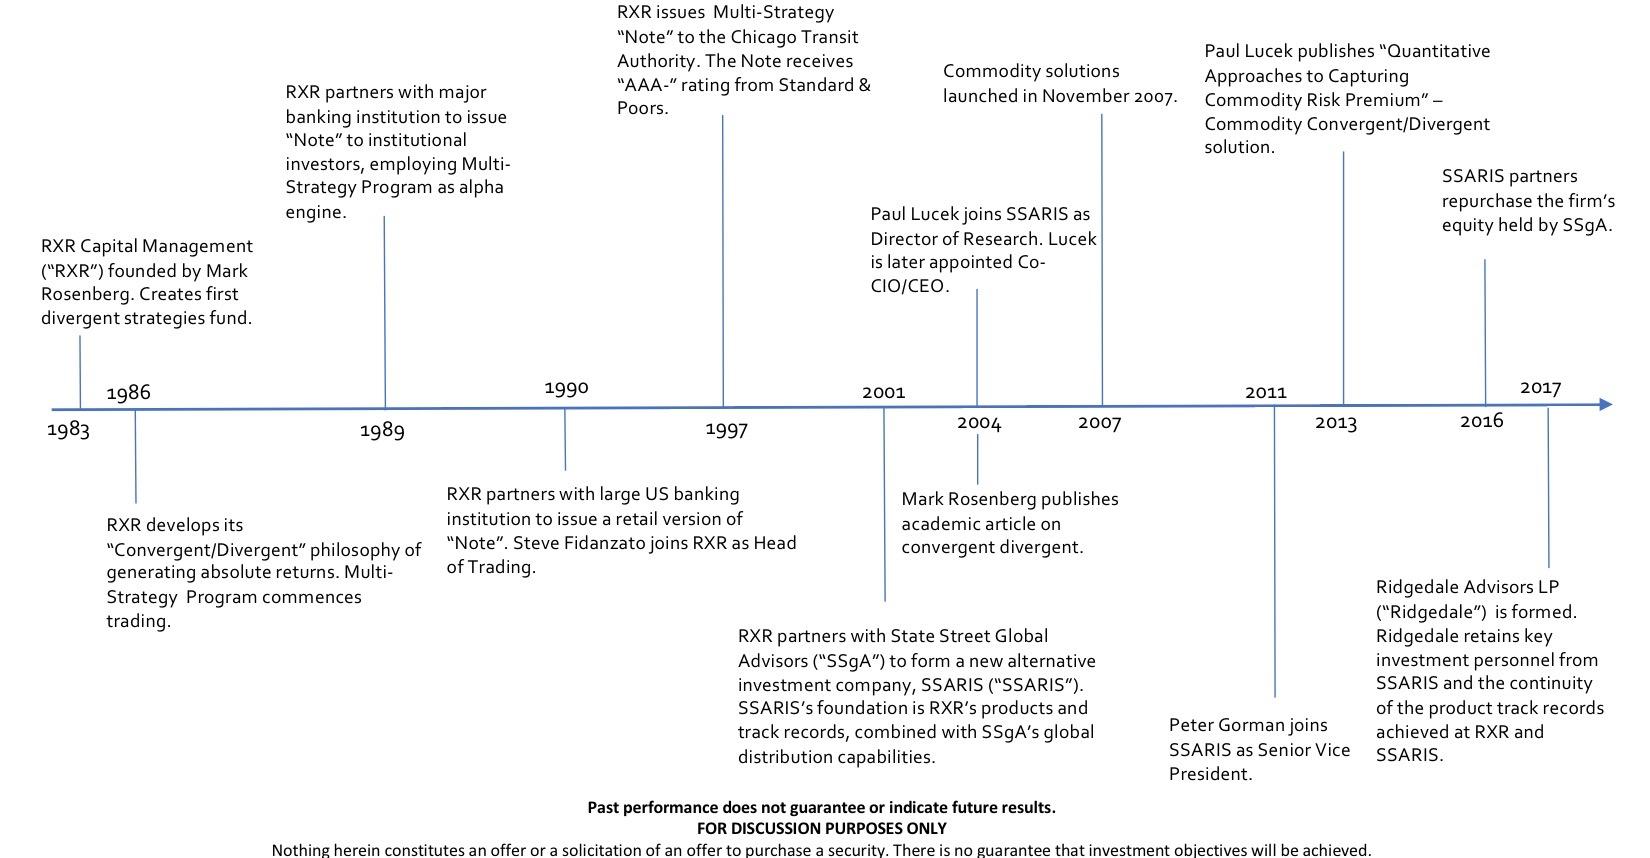 Timeline for Website